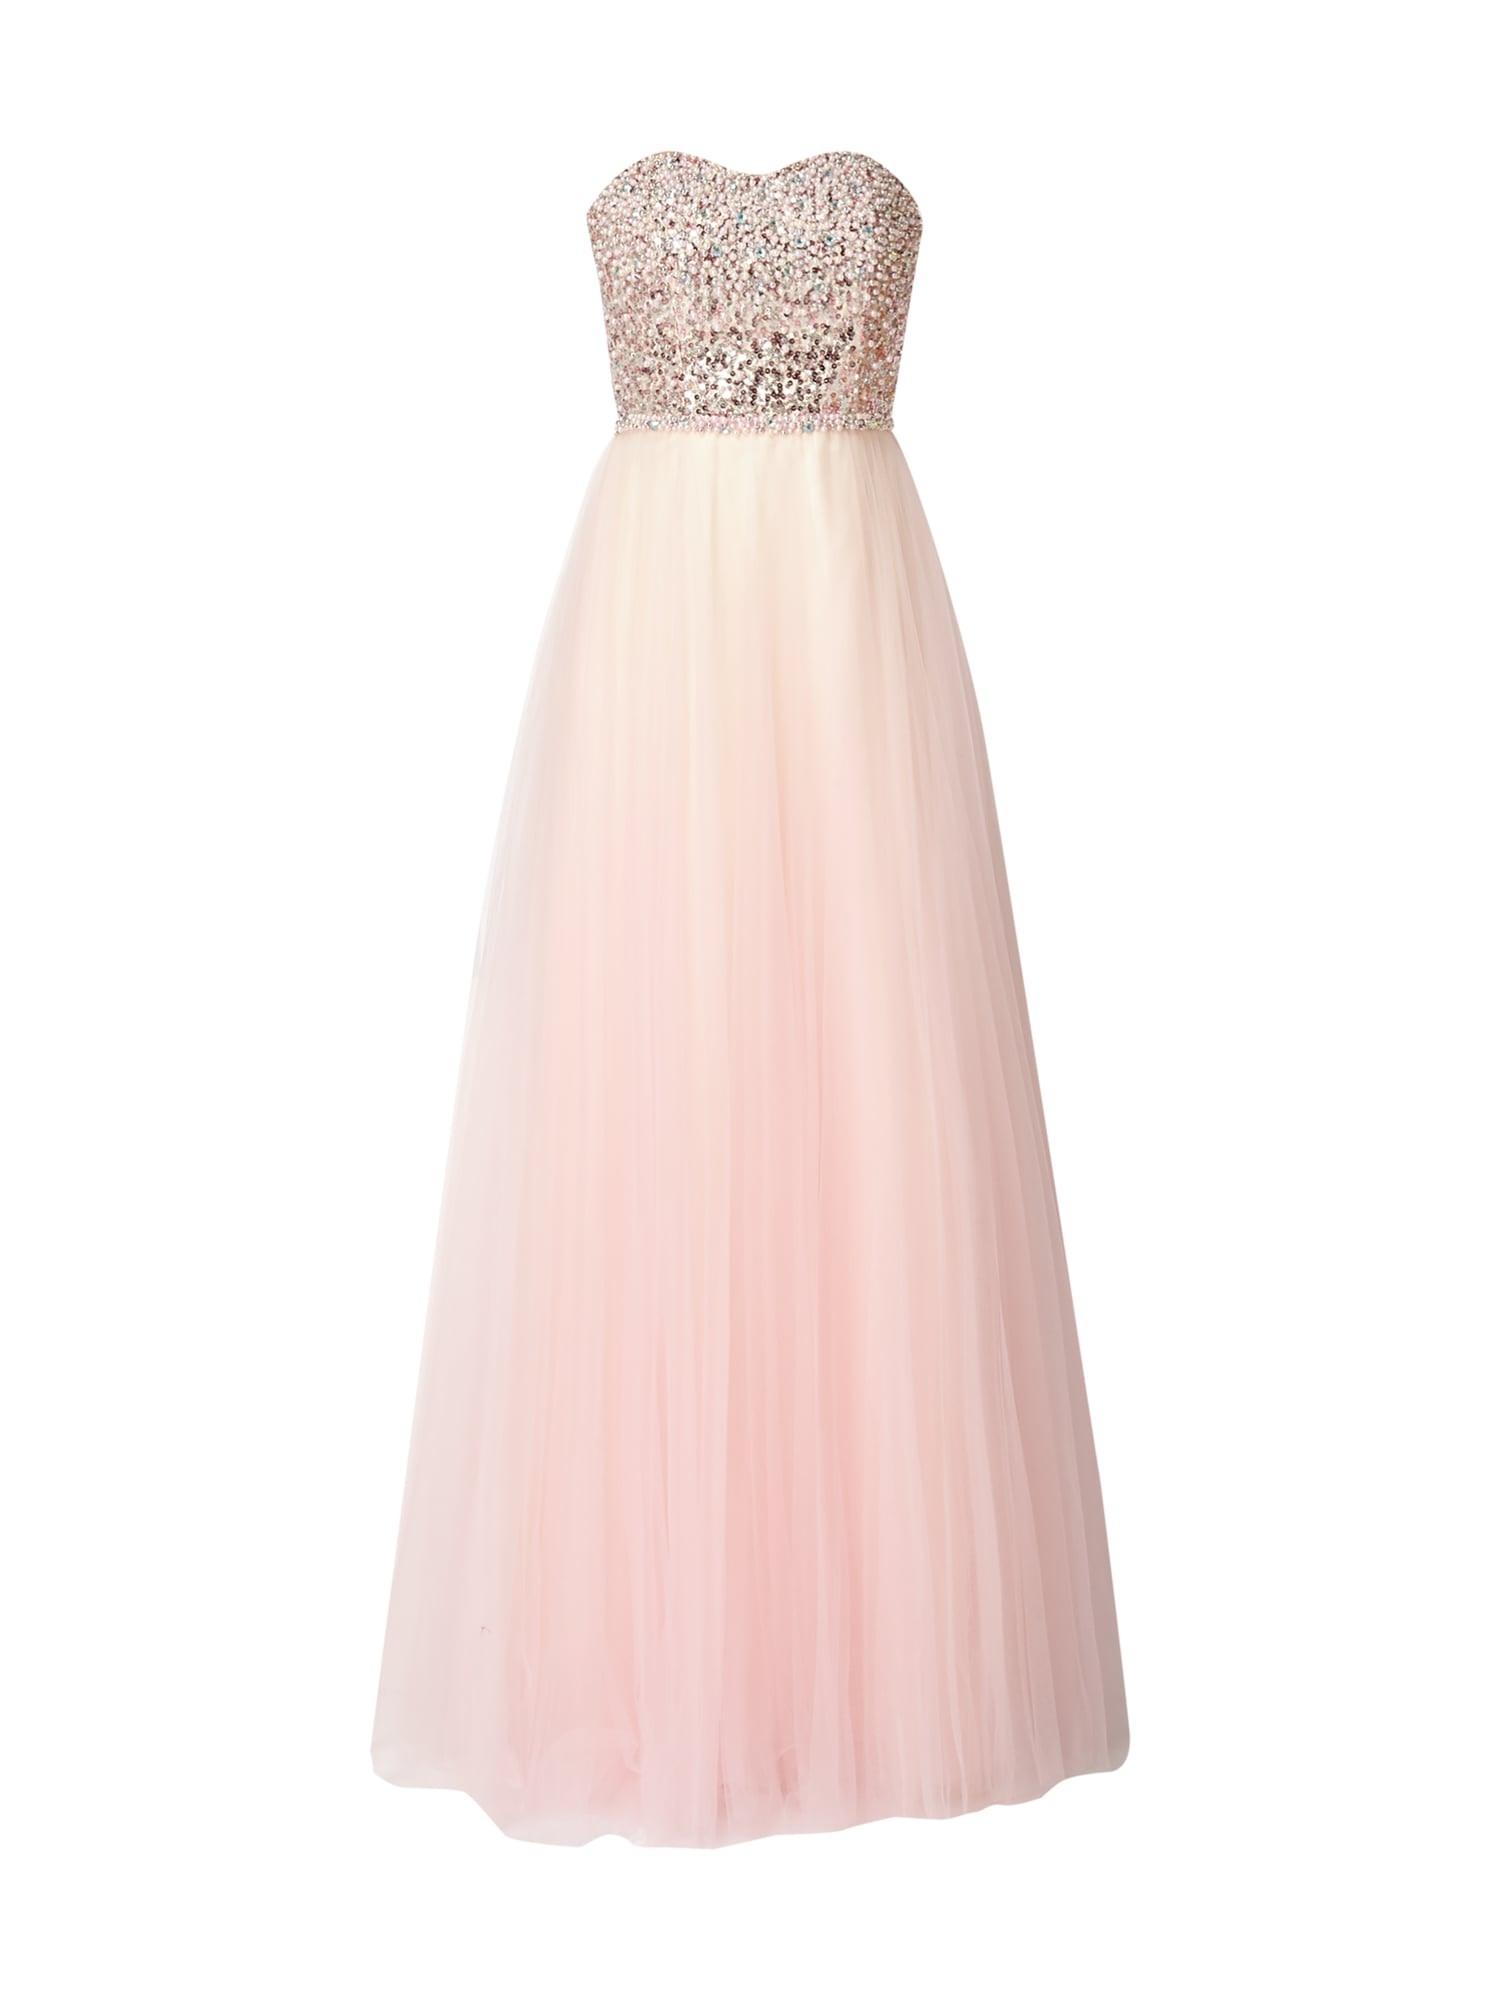 15 Schön Abendkleid Rosa für 2019Designer Schön Abendkleid Rosa für 2019